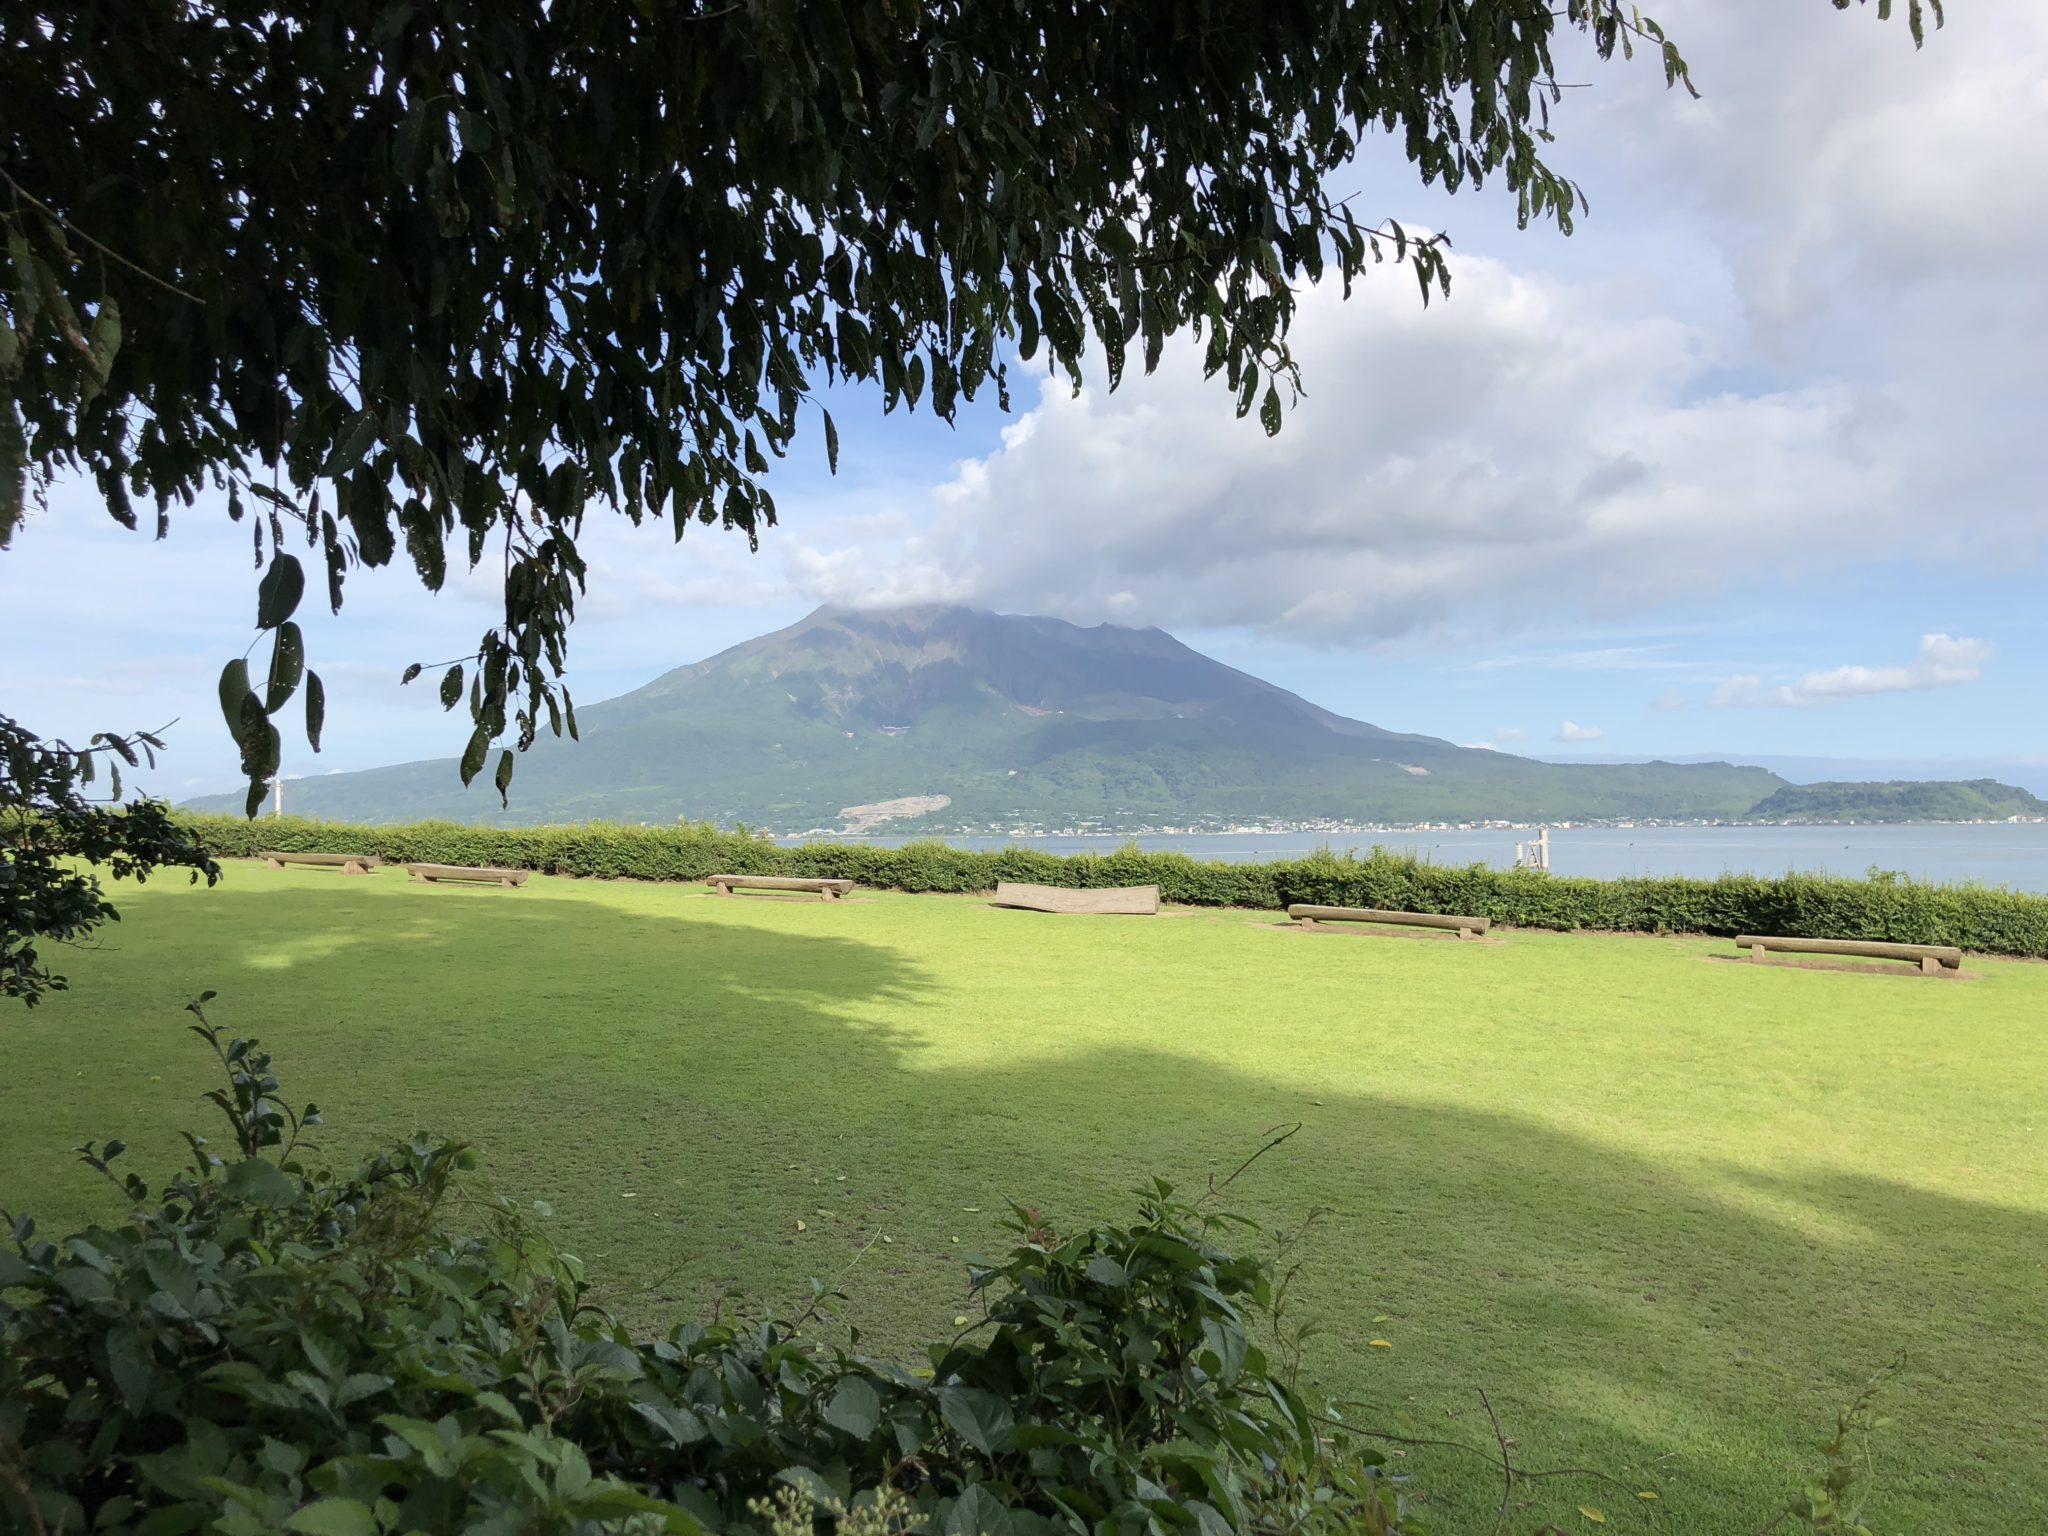 鹿児島県の桜島